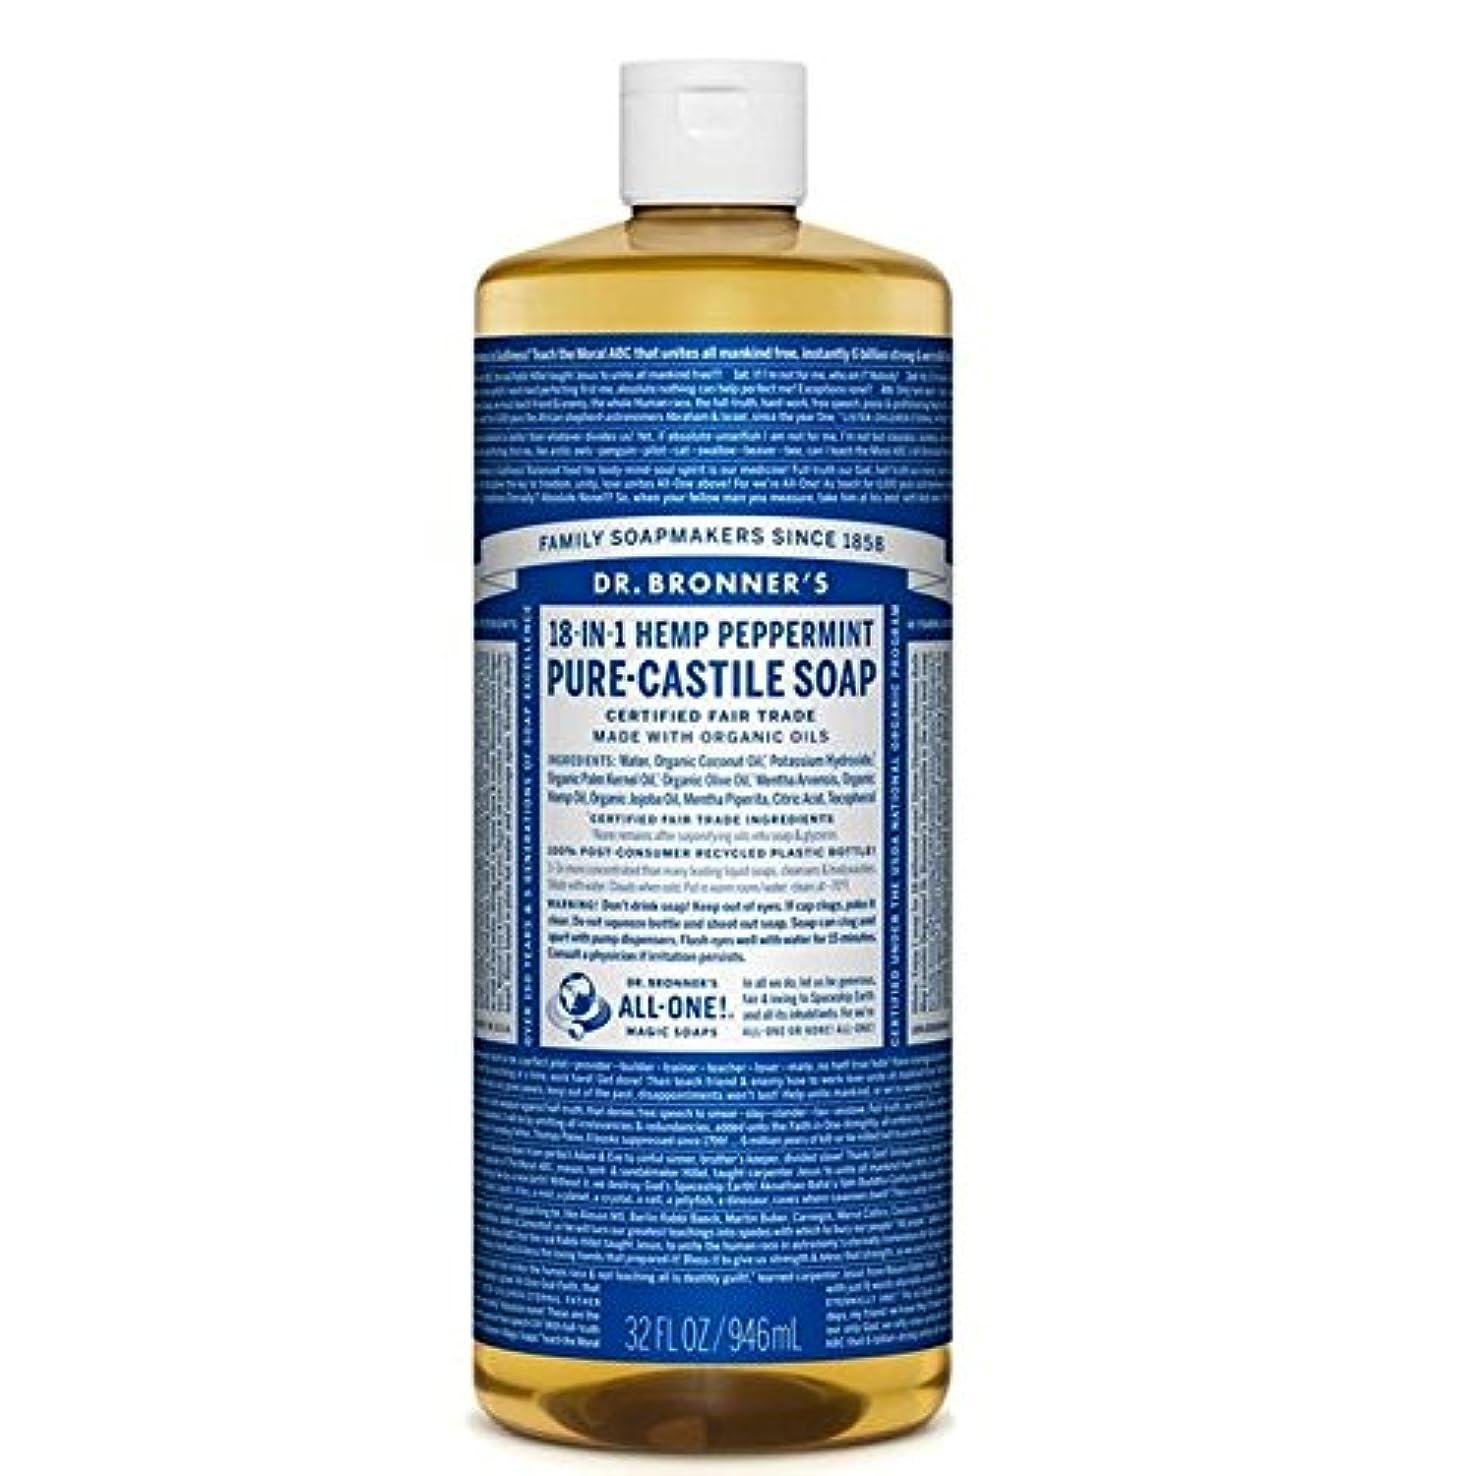 急勾配の第四脚本のブロナー有機ペパーミントカスティーリャ液体石鹸946ミリリットル x2 - Dr Bronner Organic Peppermint Castile Liquid Soap 946ml (Pack of 2) [並行輸入品]